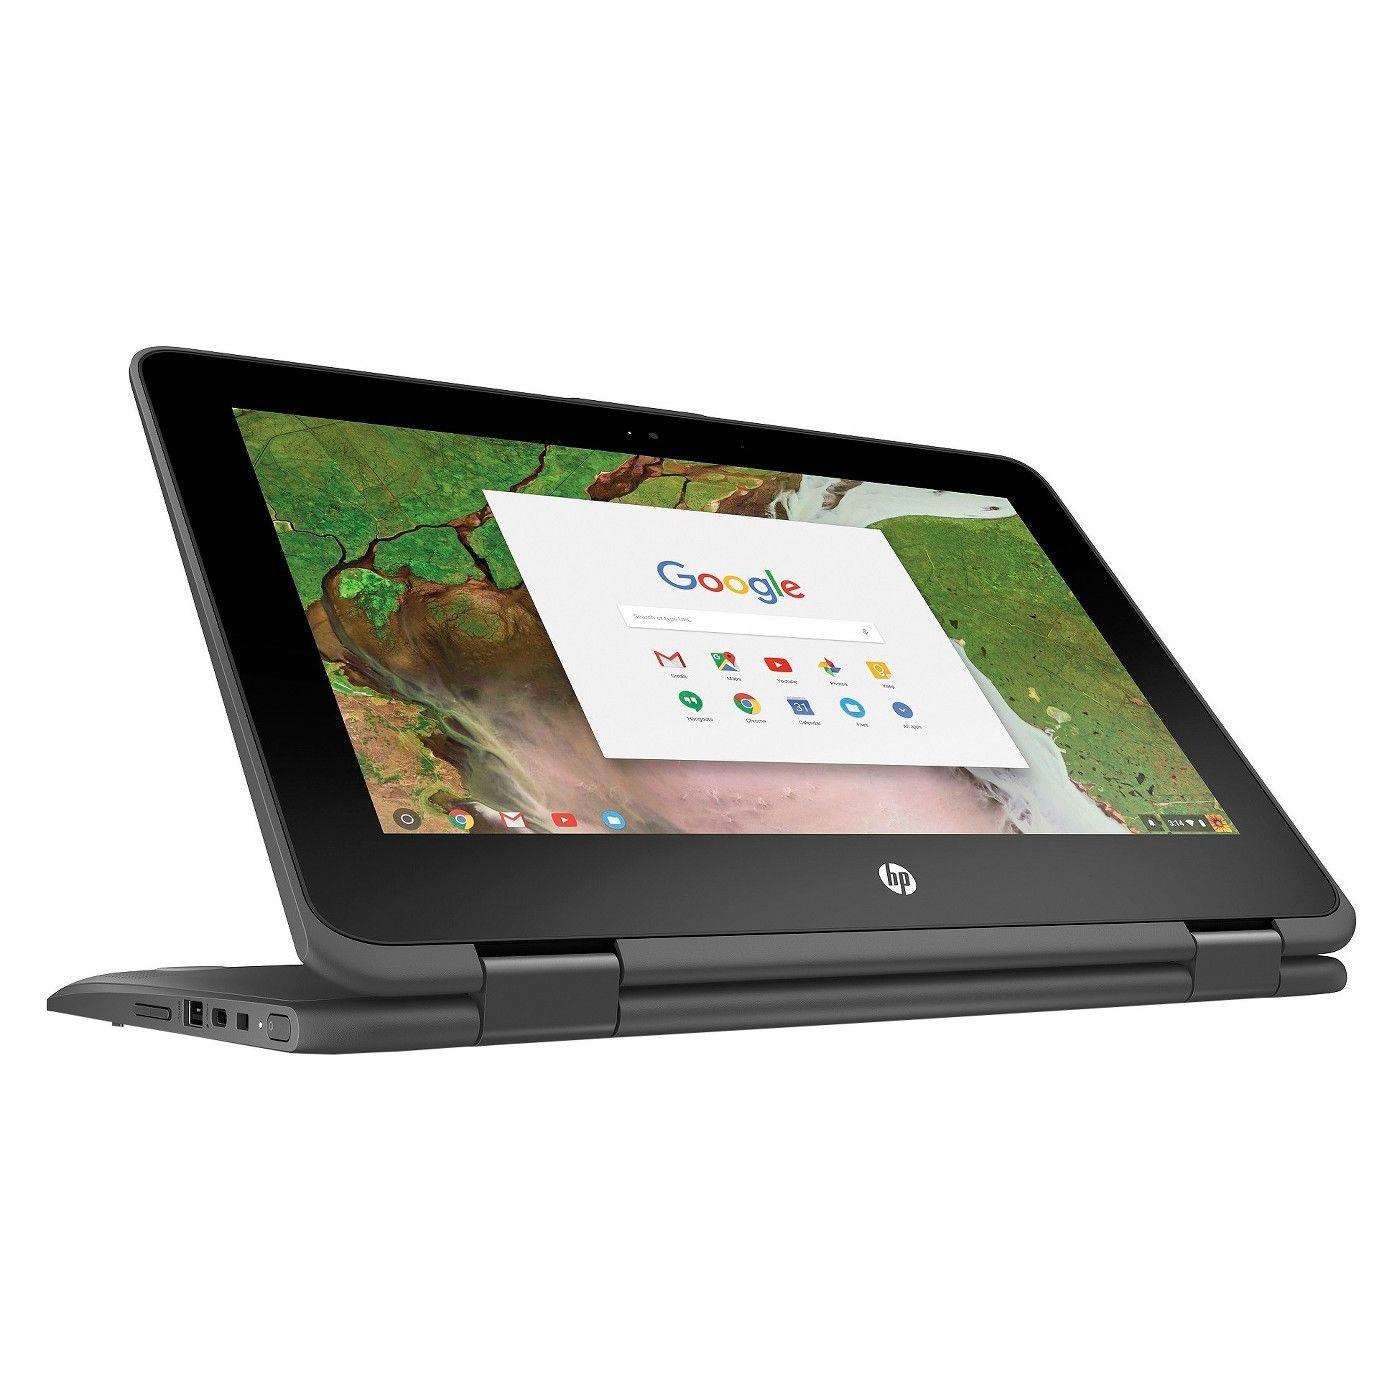 Hp X360 116 Touch Chromebook Refurb N3350 4gb Ddr4 16gb Emmc Lenovo A3500 Midnight Blue Deal Image